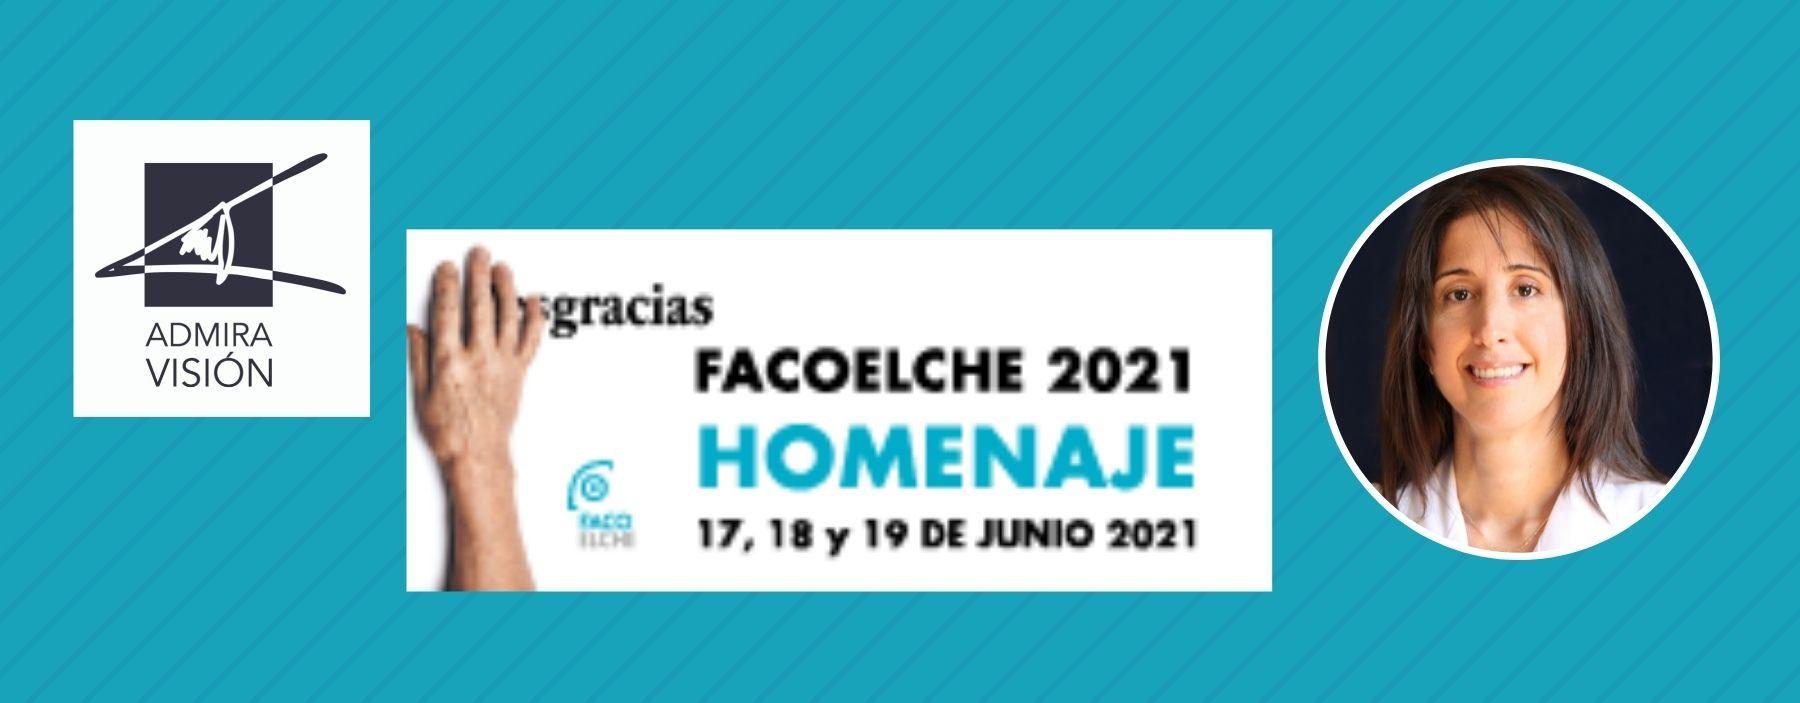 Participamos en el congreso Facoelche 2021